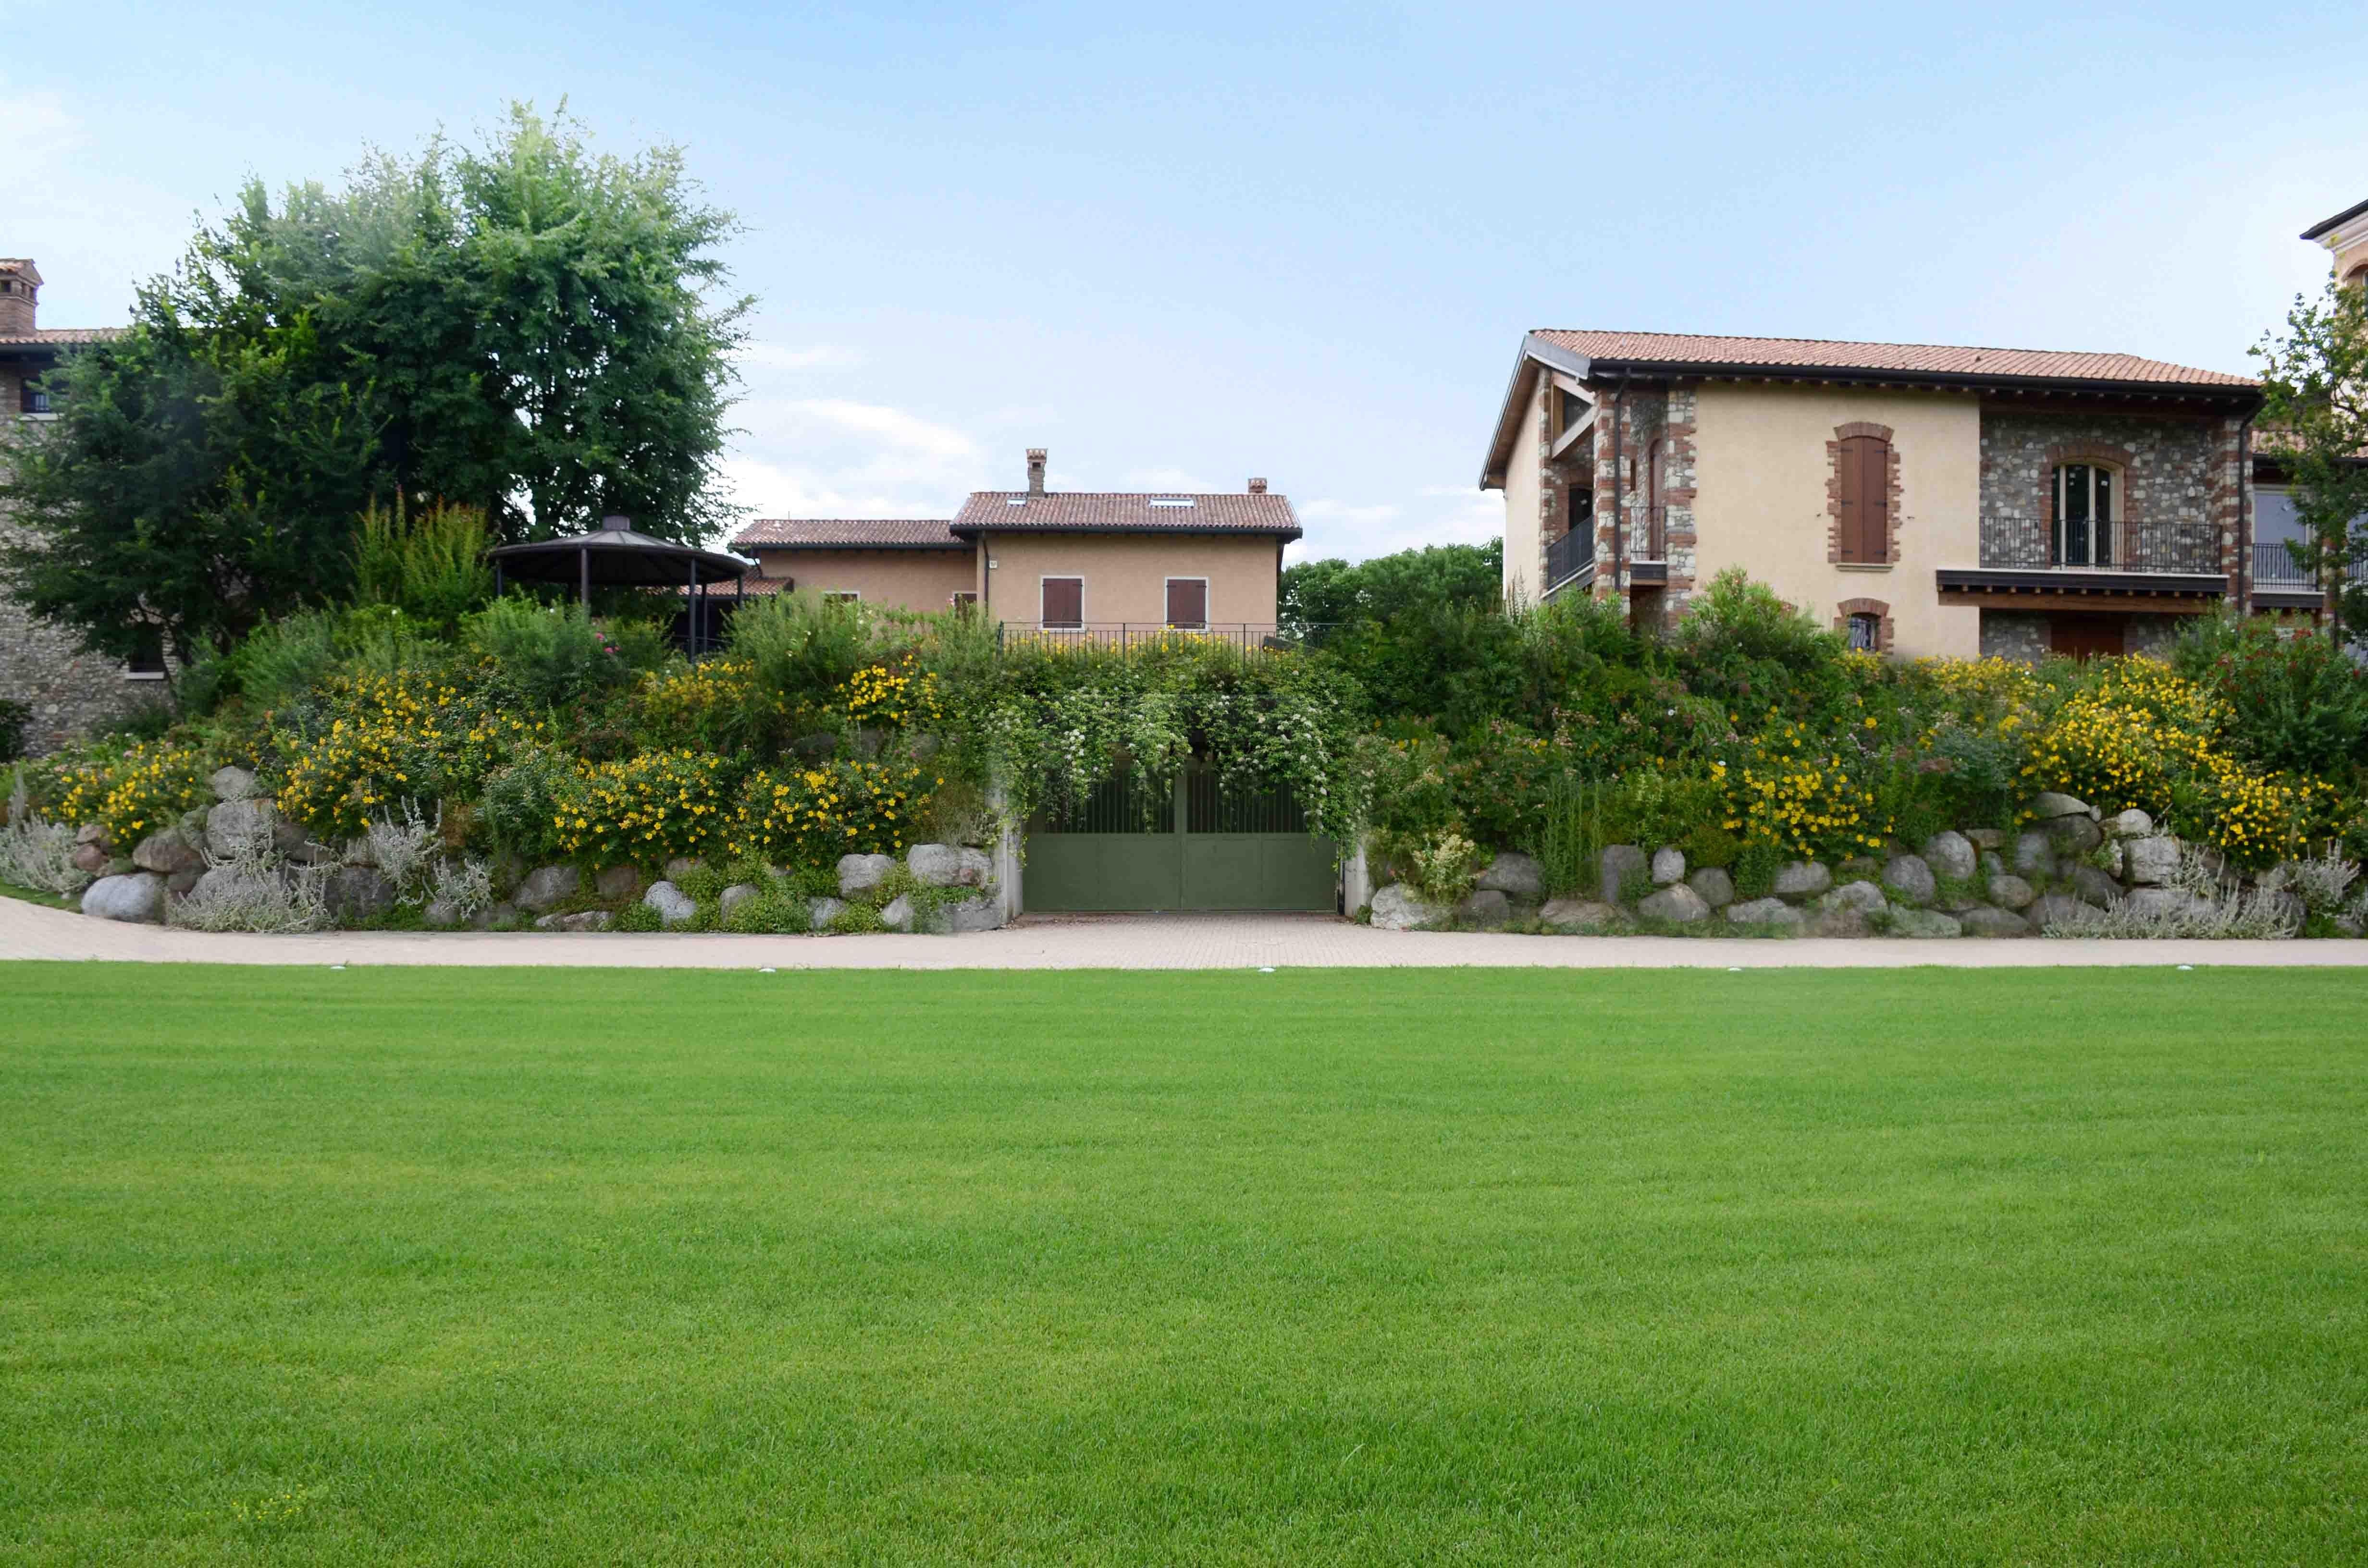 Immobiliare San Martino - هتل ها